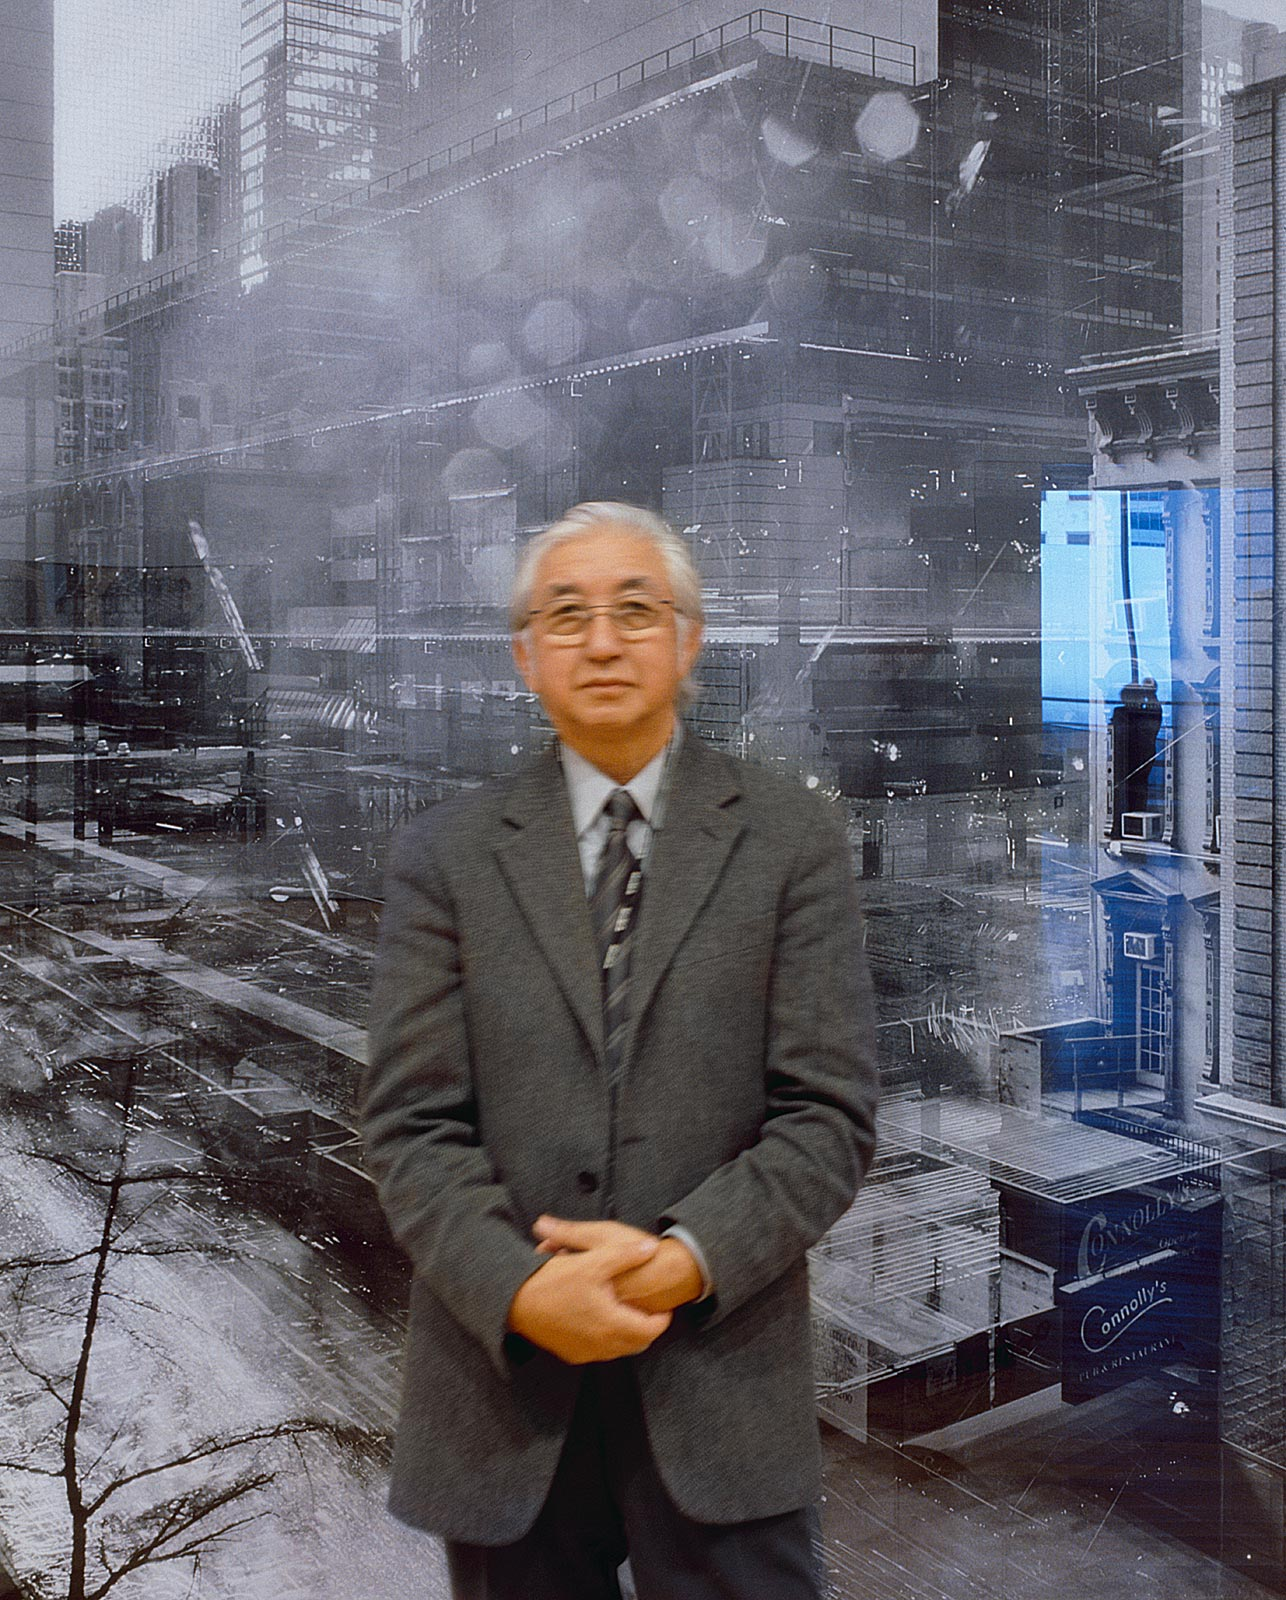 Yoshio Taniguchi (15.25 - 15.30 Uhr, 19.11.2004)